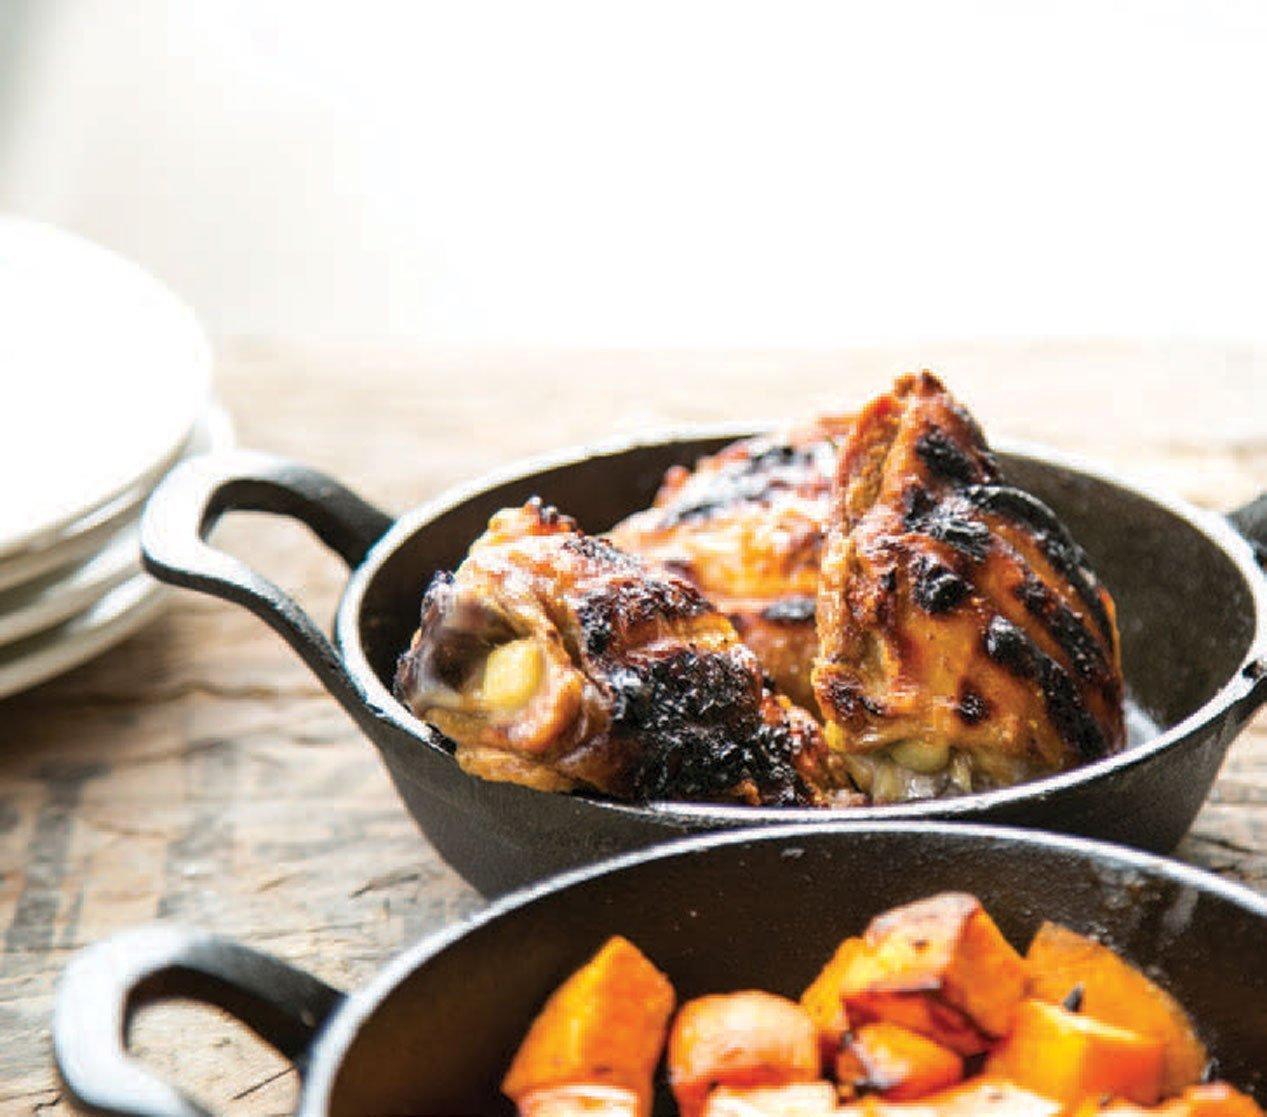 Chicken in a pot.